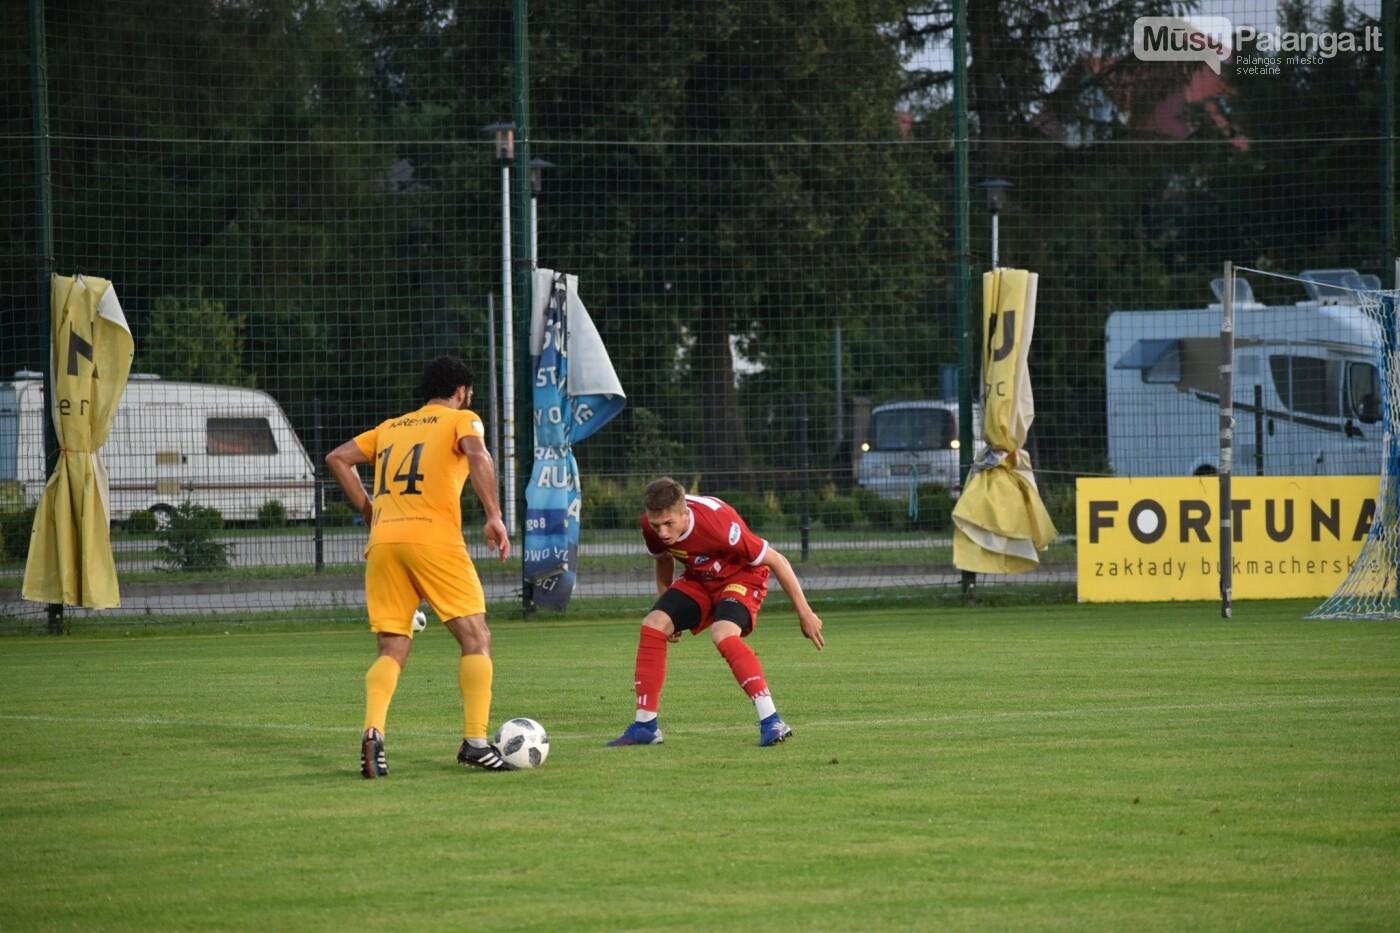 Kontrolinėse rungtynėse Lenkijoje – būrys peržiūroje dalyvaujančių futbolininkų bei naujas treneris, nuotrauka-27